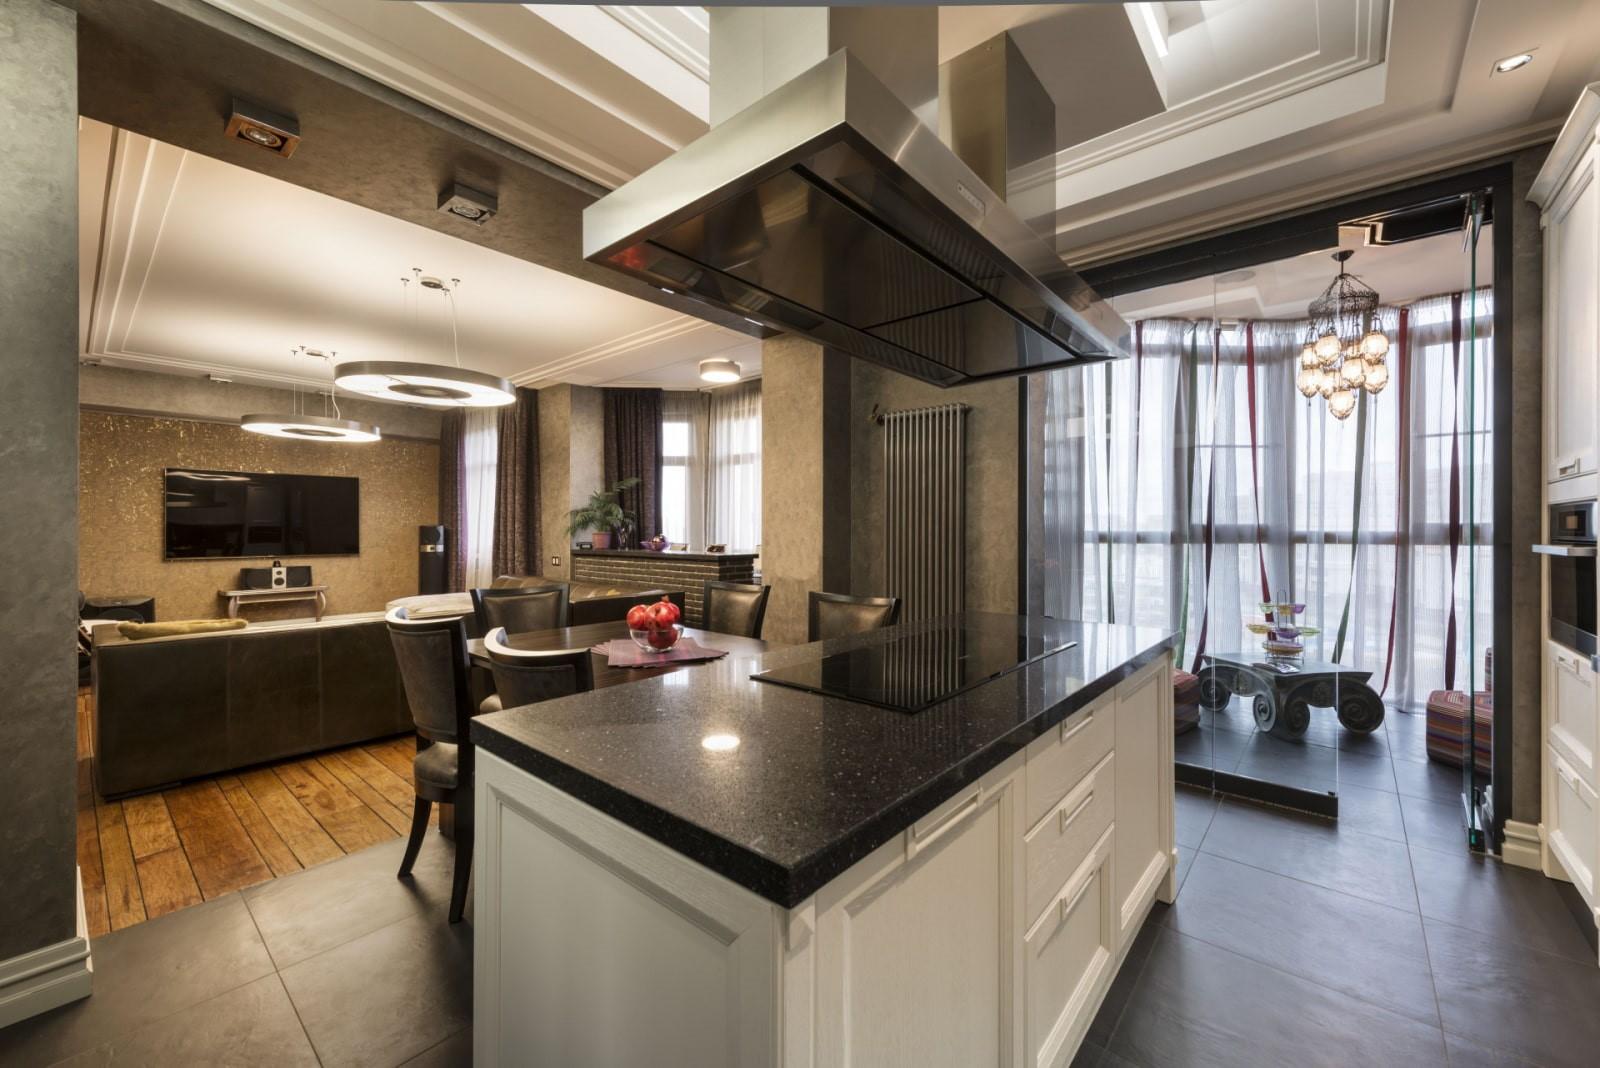 Оформление дизайна кухни-гостиной 16 кв м: варианты планировки и зонирование диваном